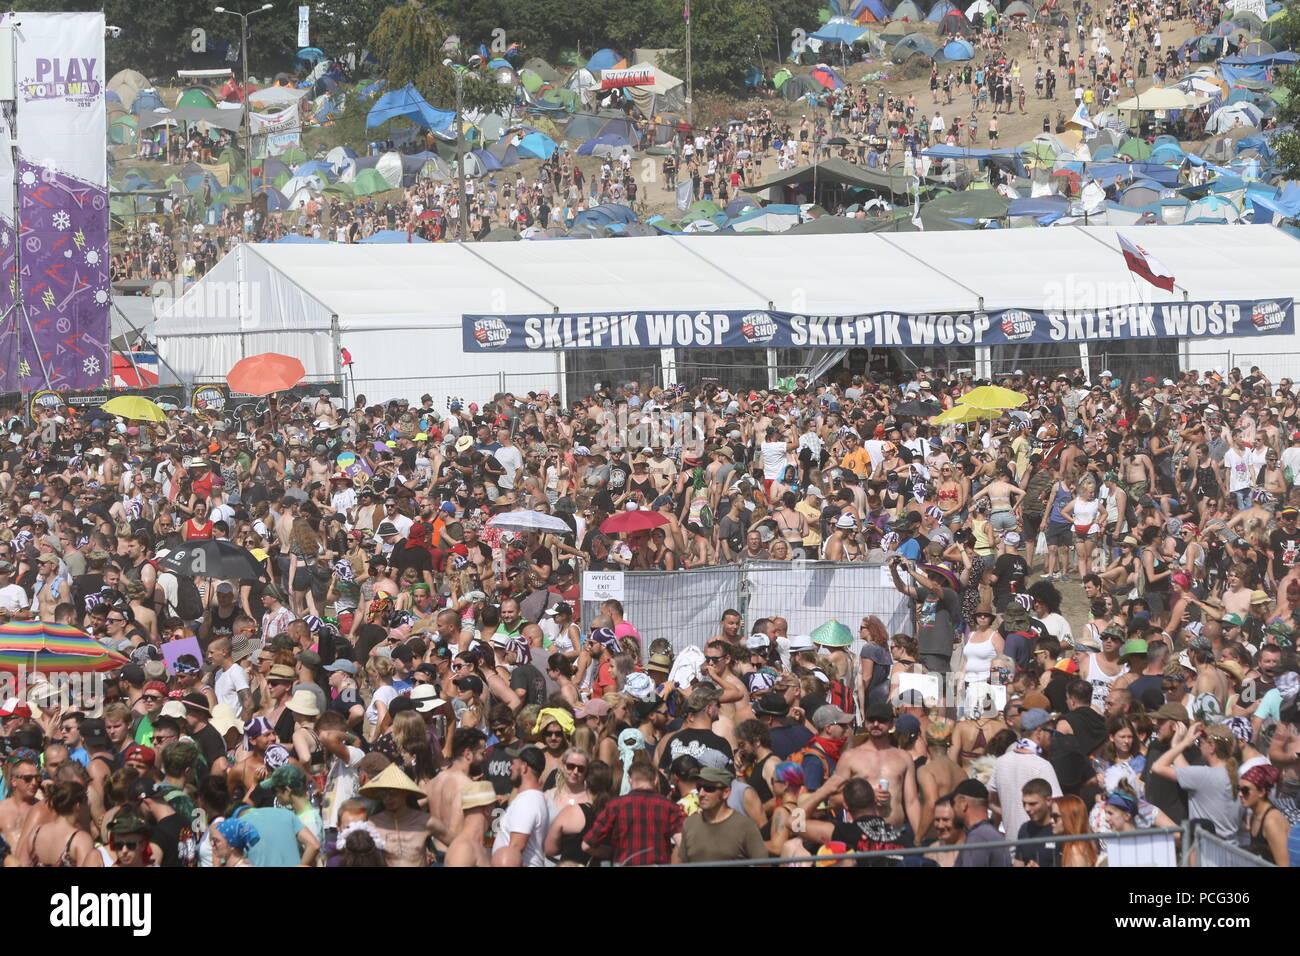 Kostrzyn, Polonia. 2º de agosto de 2018. Gran multitud delante del escenario principal. Apertura de la 24ª Pol'y'Rock Festival cerca de Kostrzyn (Küstrin). La parada 'Woodstock' se convierte en 'Pol'y'Rock'. Cientos de miles de aficionados desde el hogar y en el extranjero se espera que asistan al evento de tres días. Europa no comercial más grande del festival al aire libre se celebrará este año del 2 al 4. De agosto de 2018. Crédito: SAO golpeó/Alamy Live News Imagen De Stock